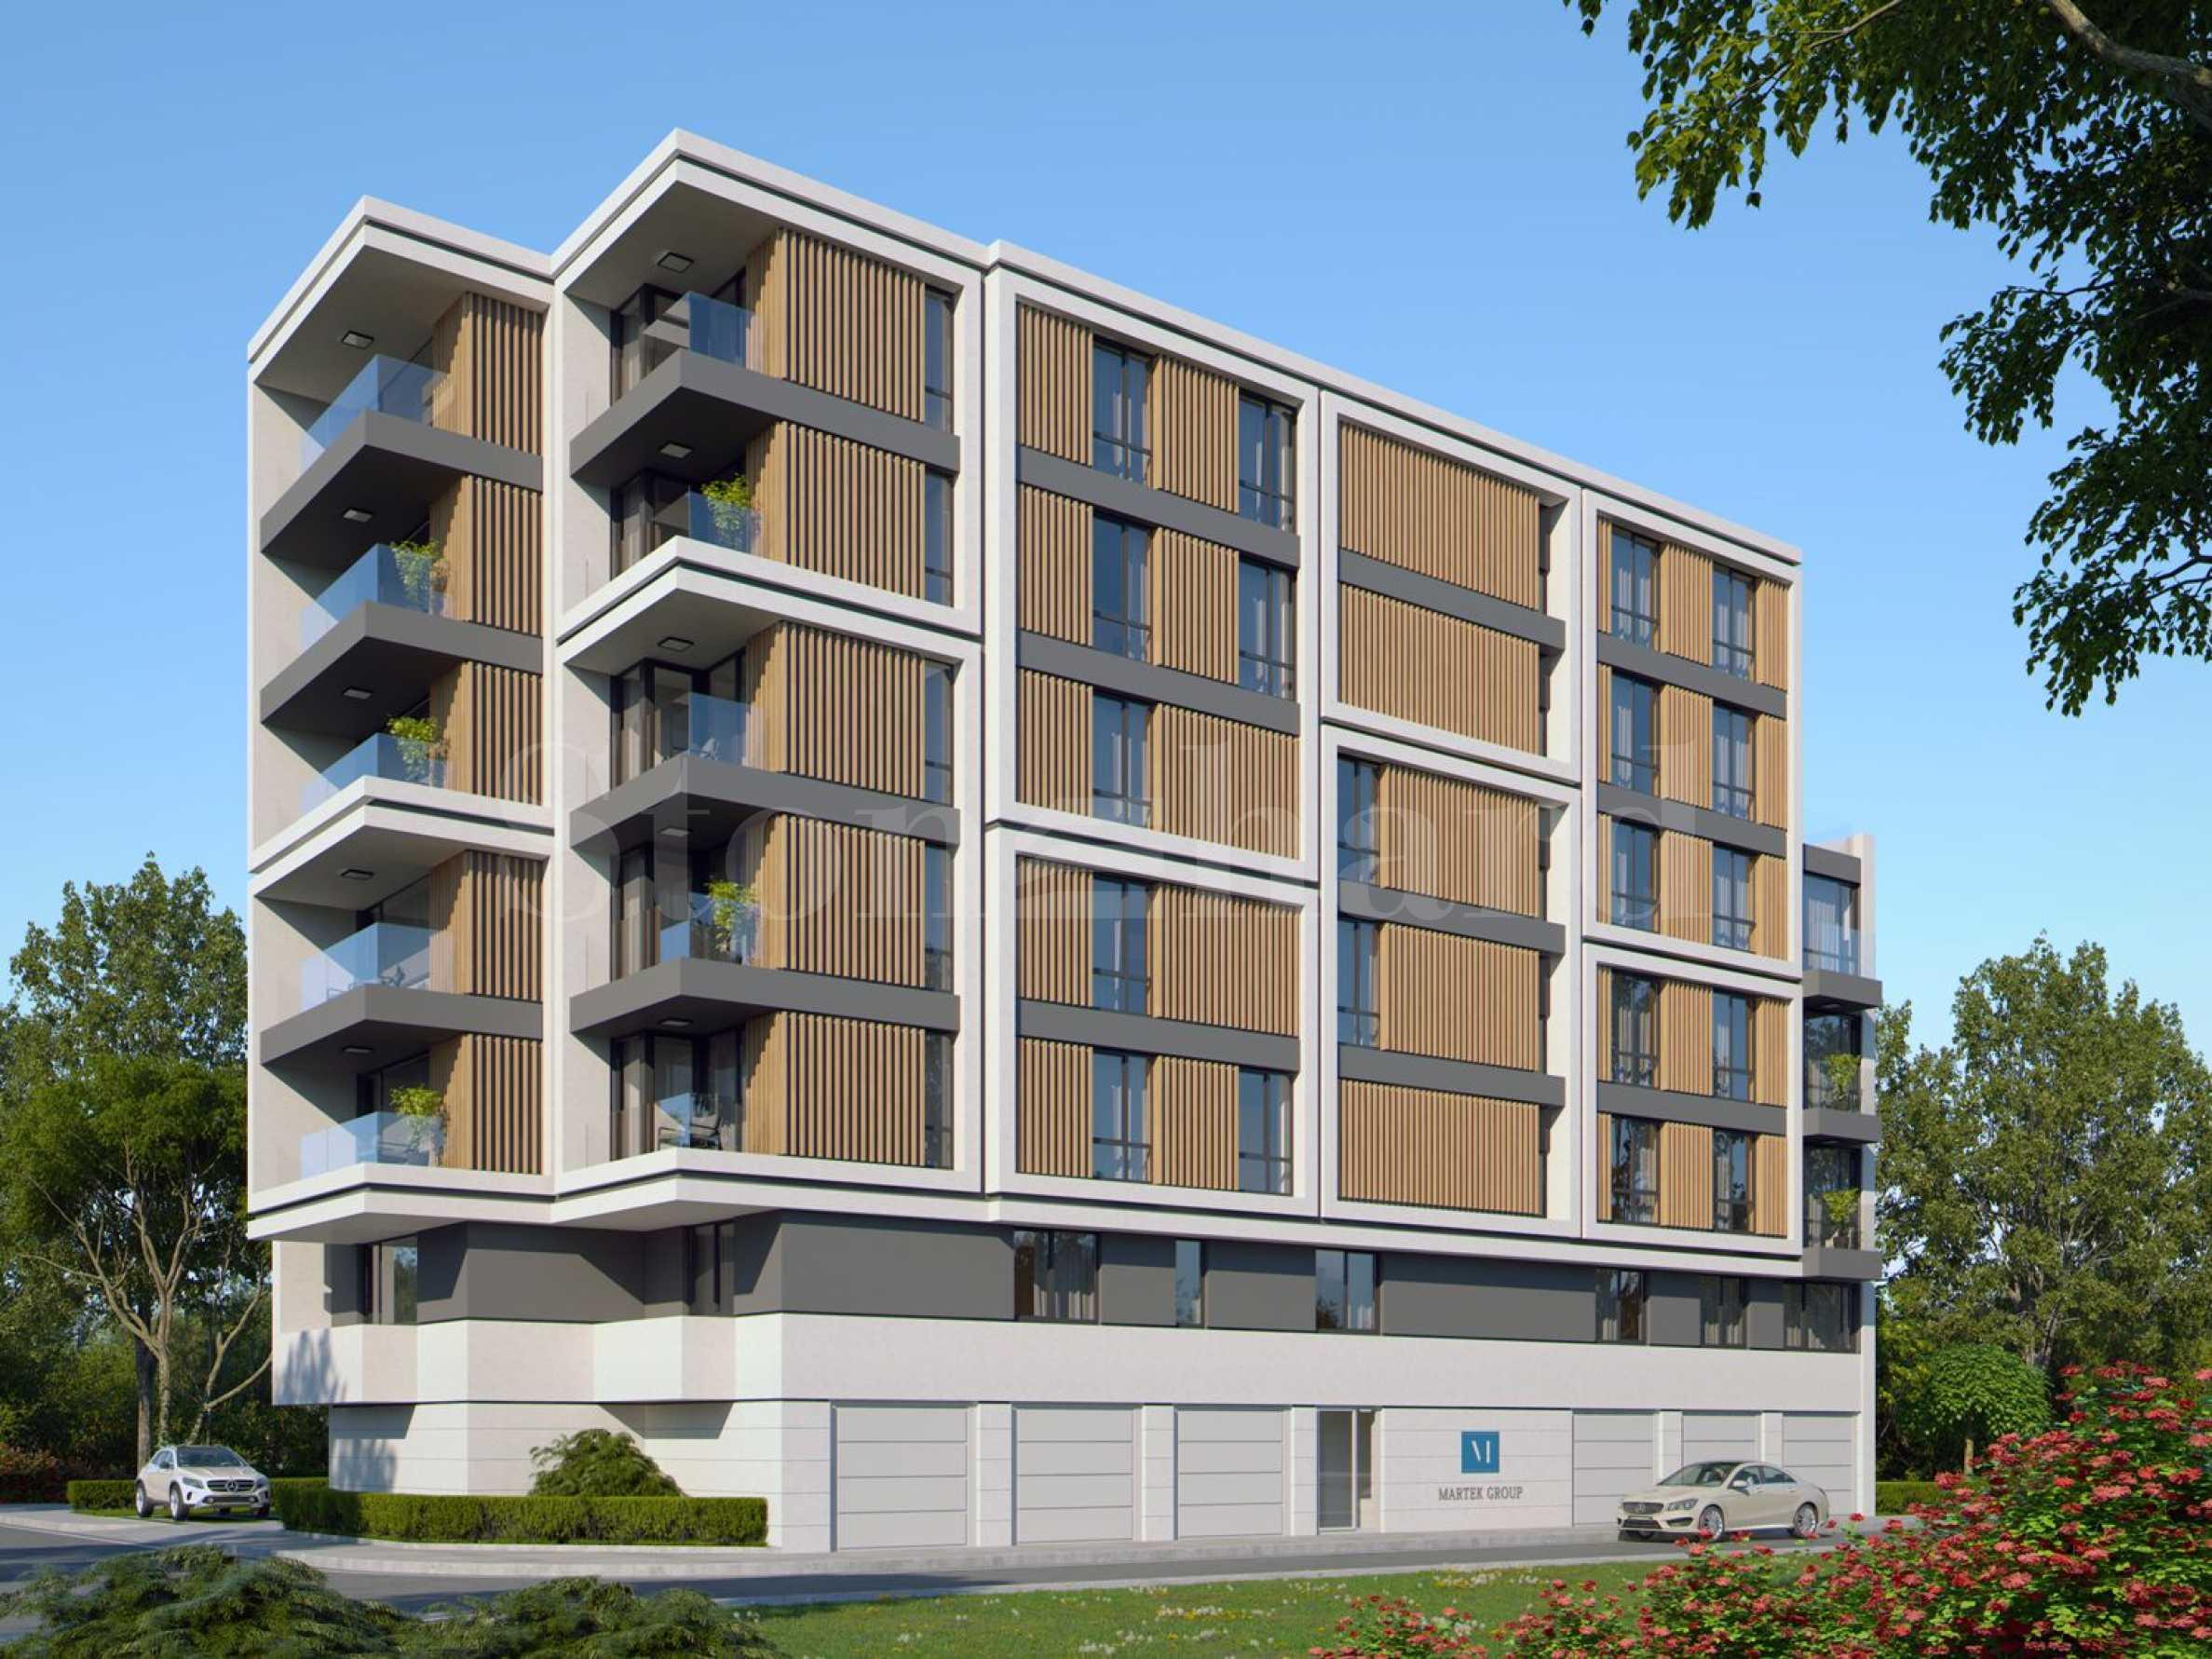 Модерна жилищна сграда в близост до Бизнес парк София2 - Stonehard